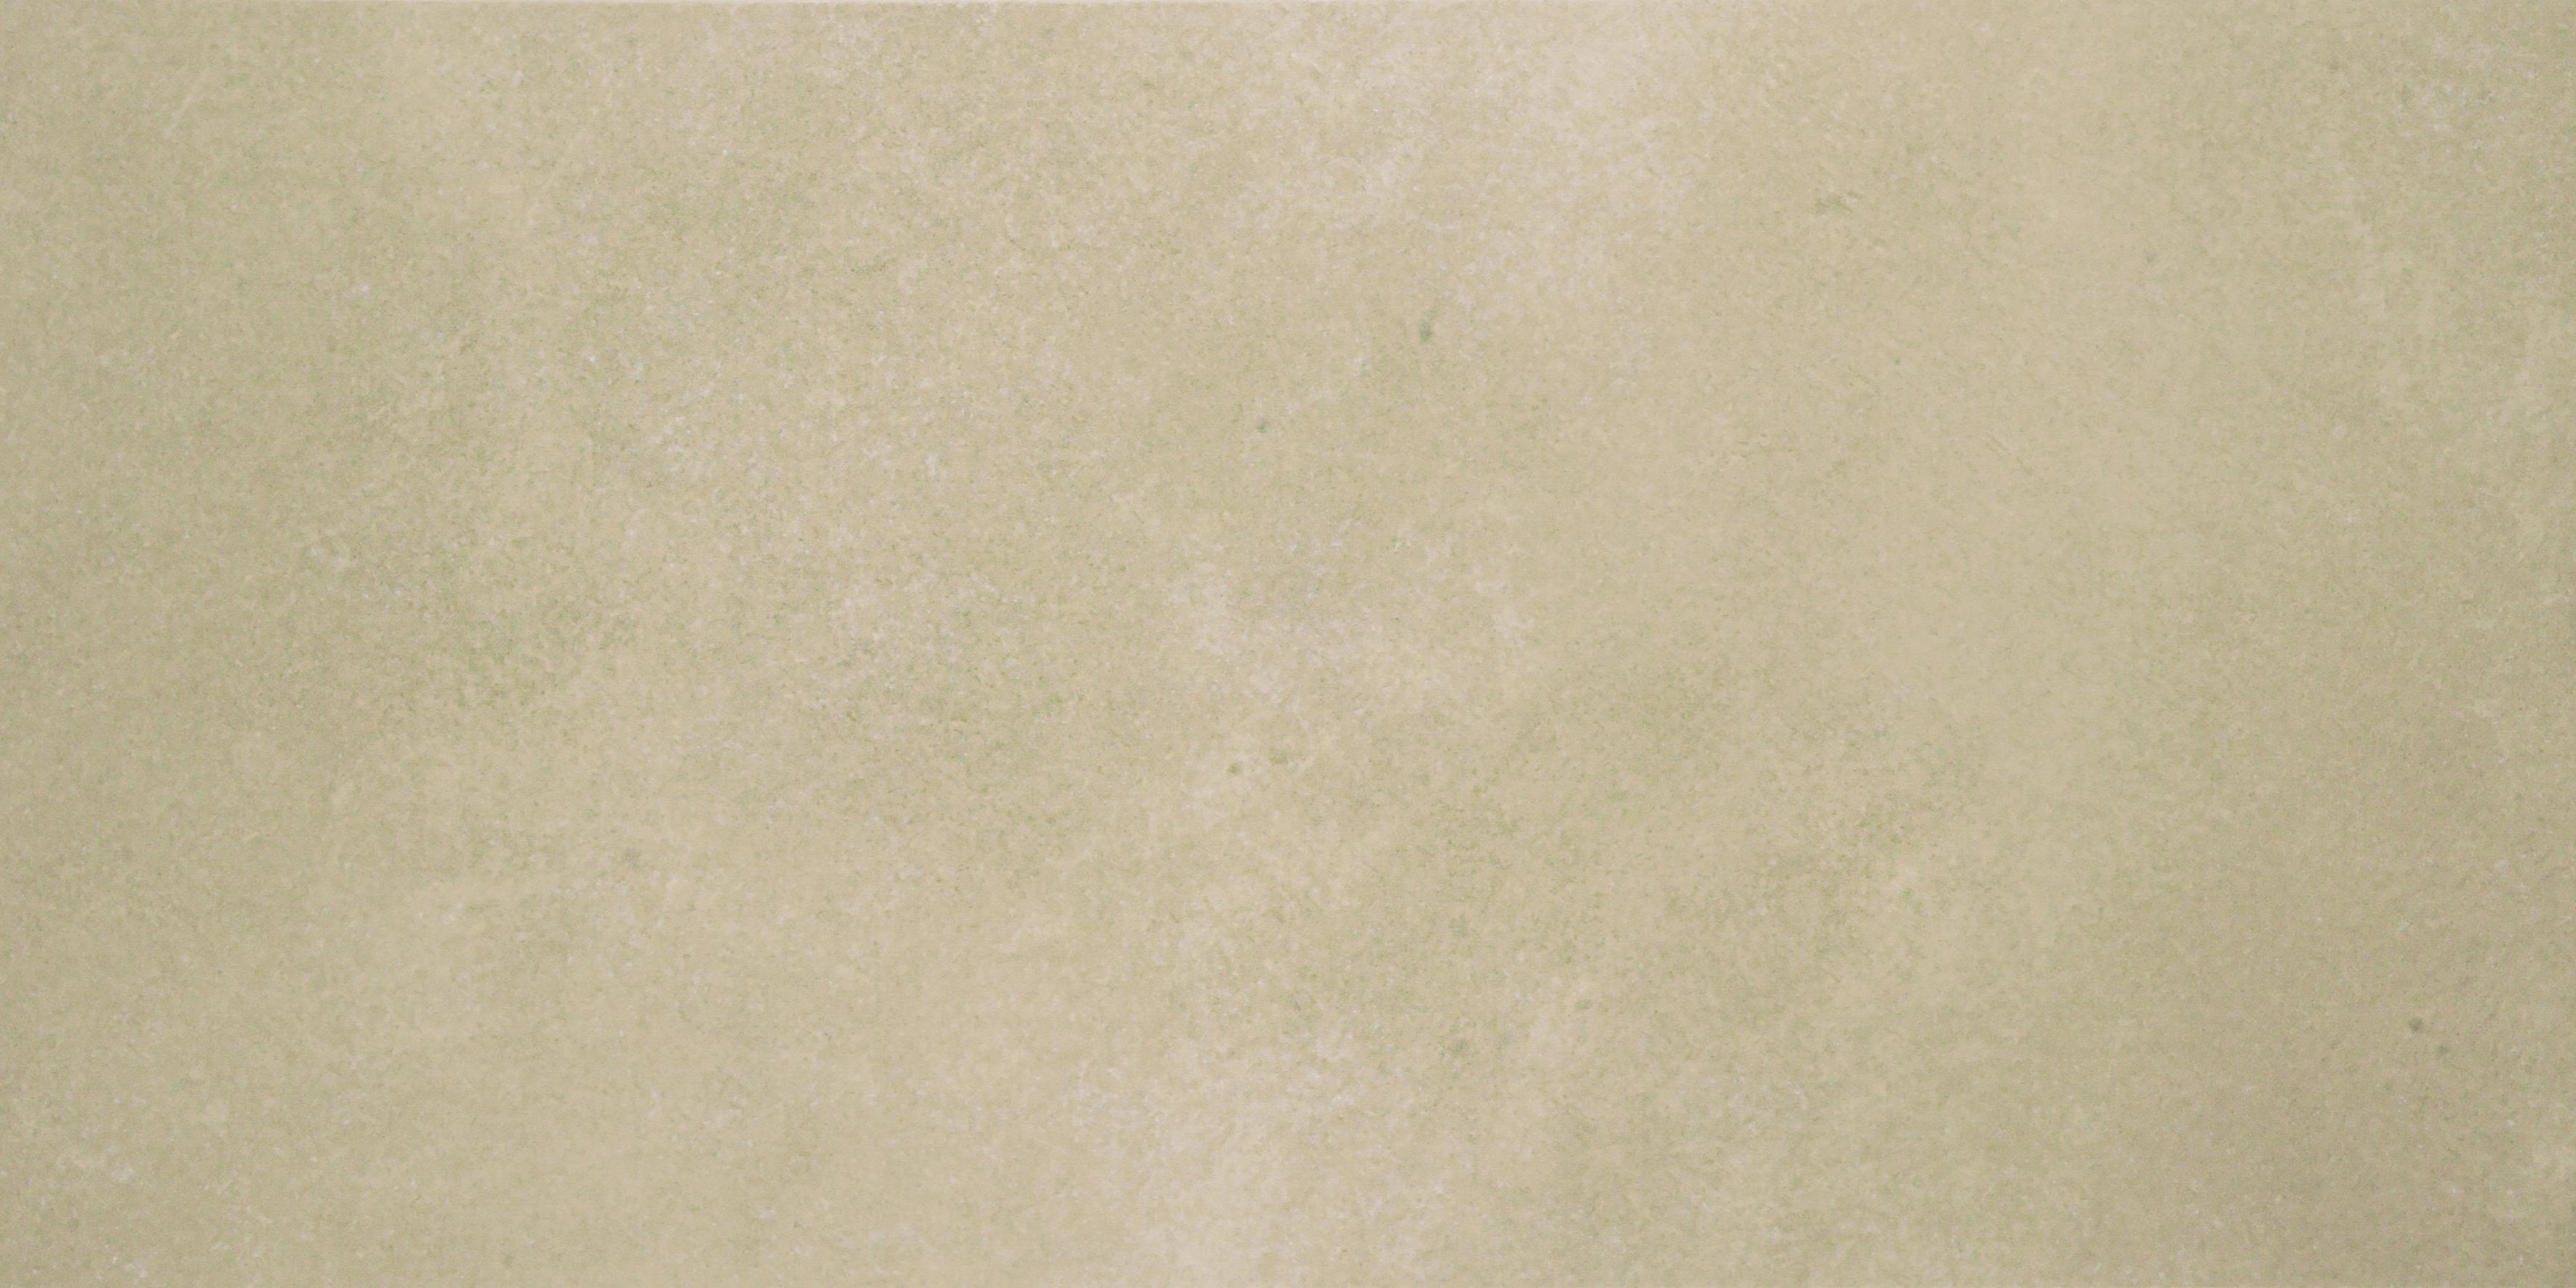 Agrob Buchtal Como Boden sandbeige 434072 Bodenfliese  30x60 unglasiert